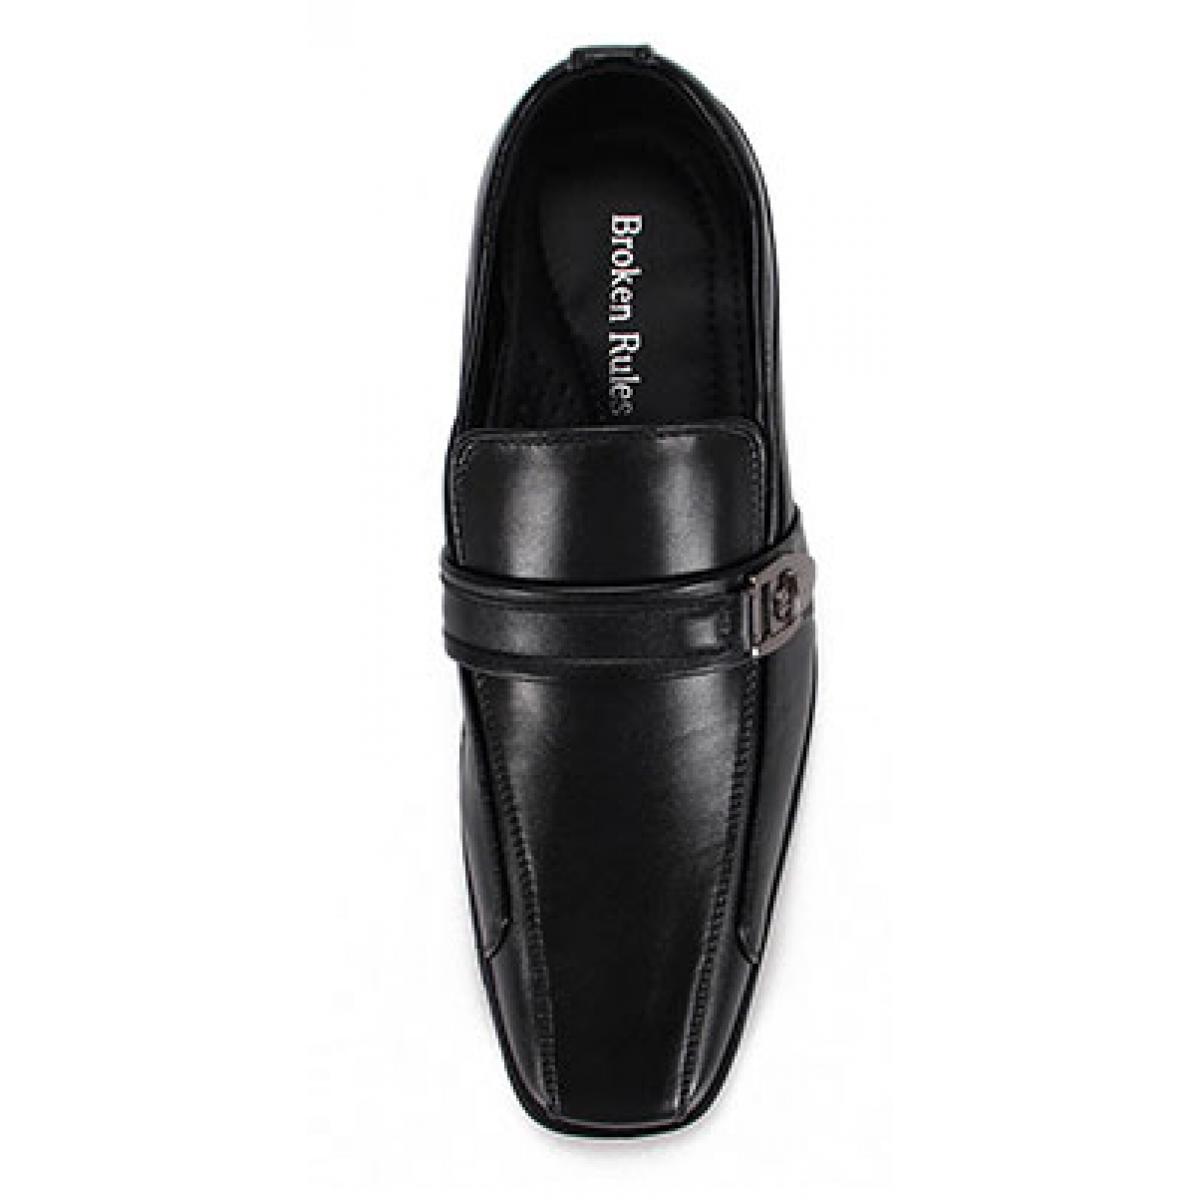 b8527bd63b Sapato Masculino Broken Rules Preto Original - Compre Agora